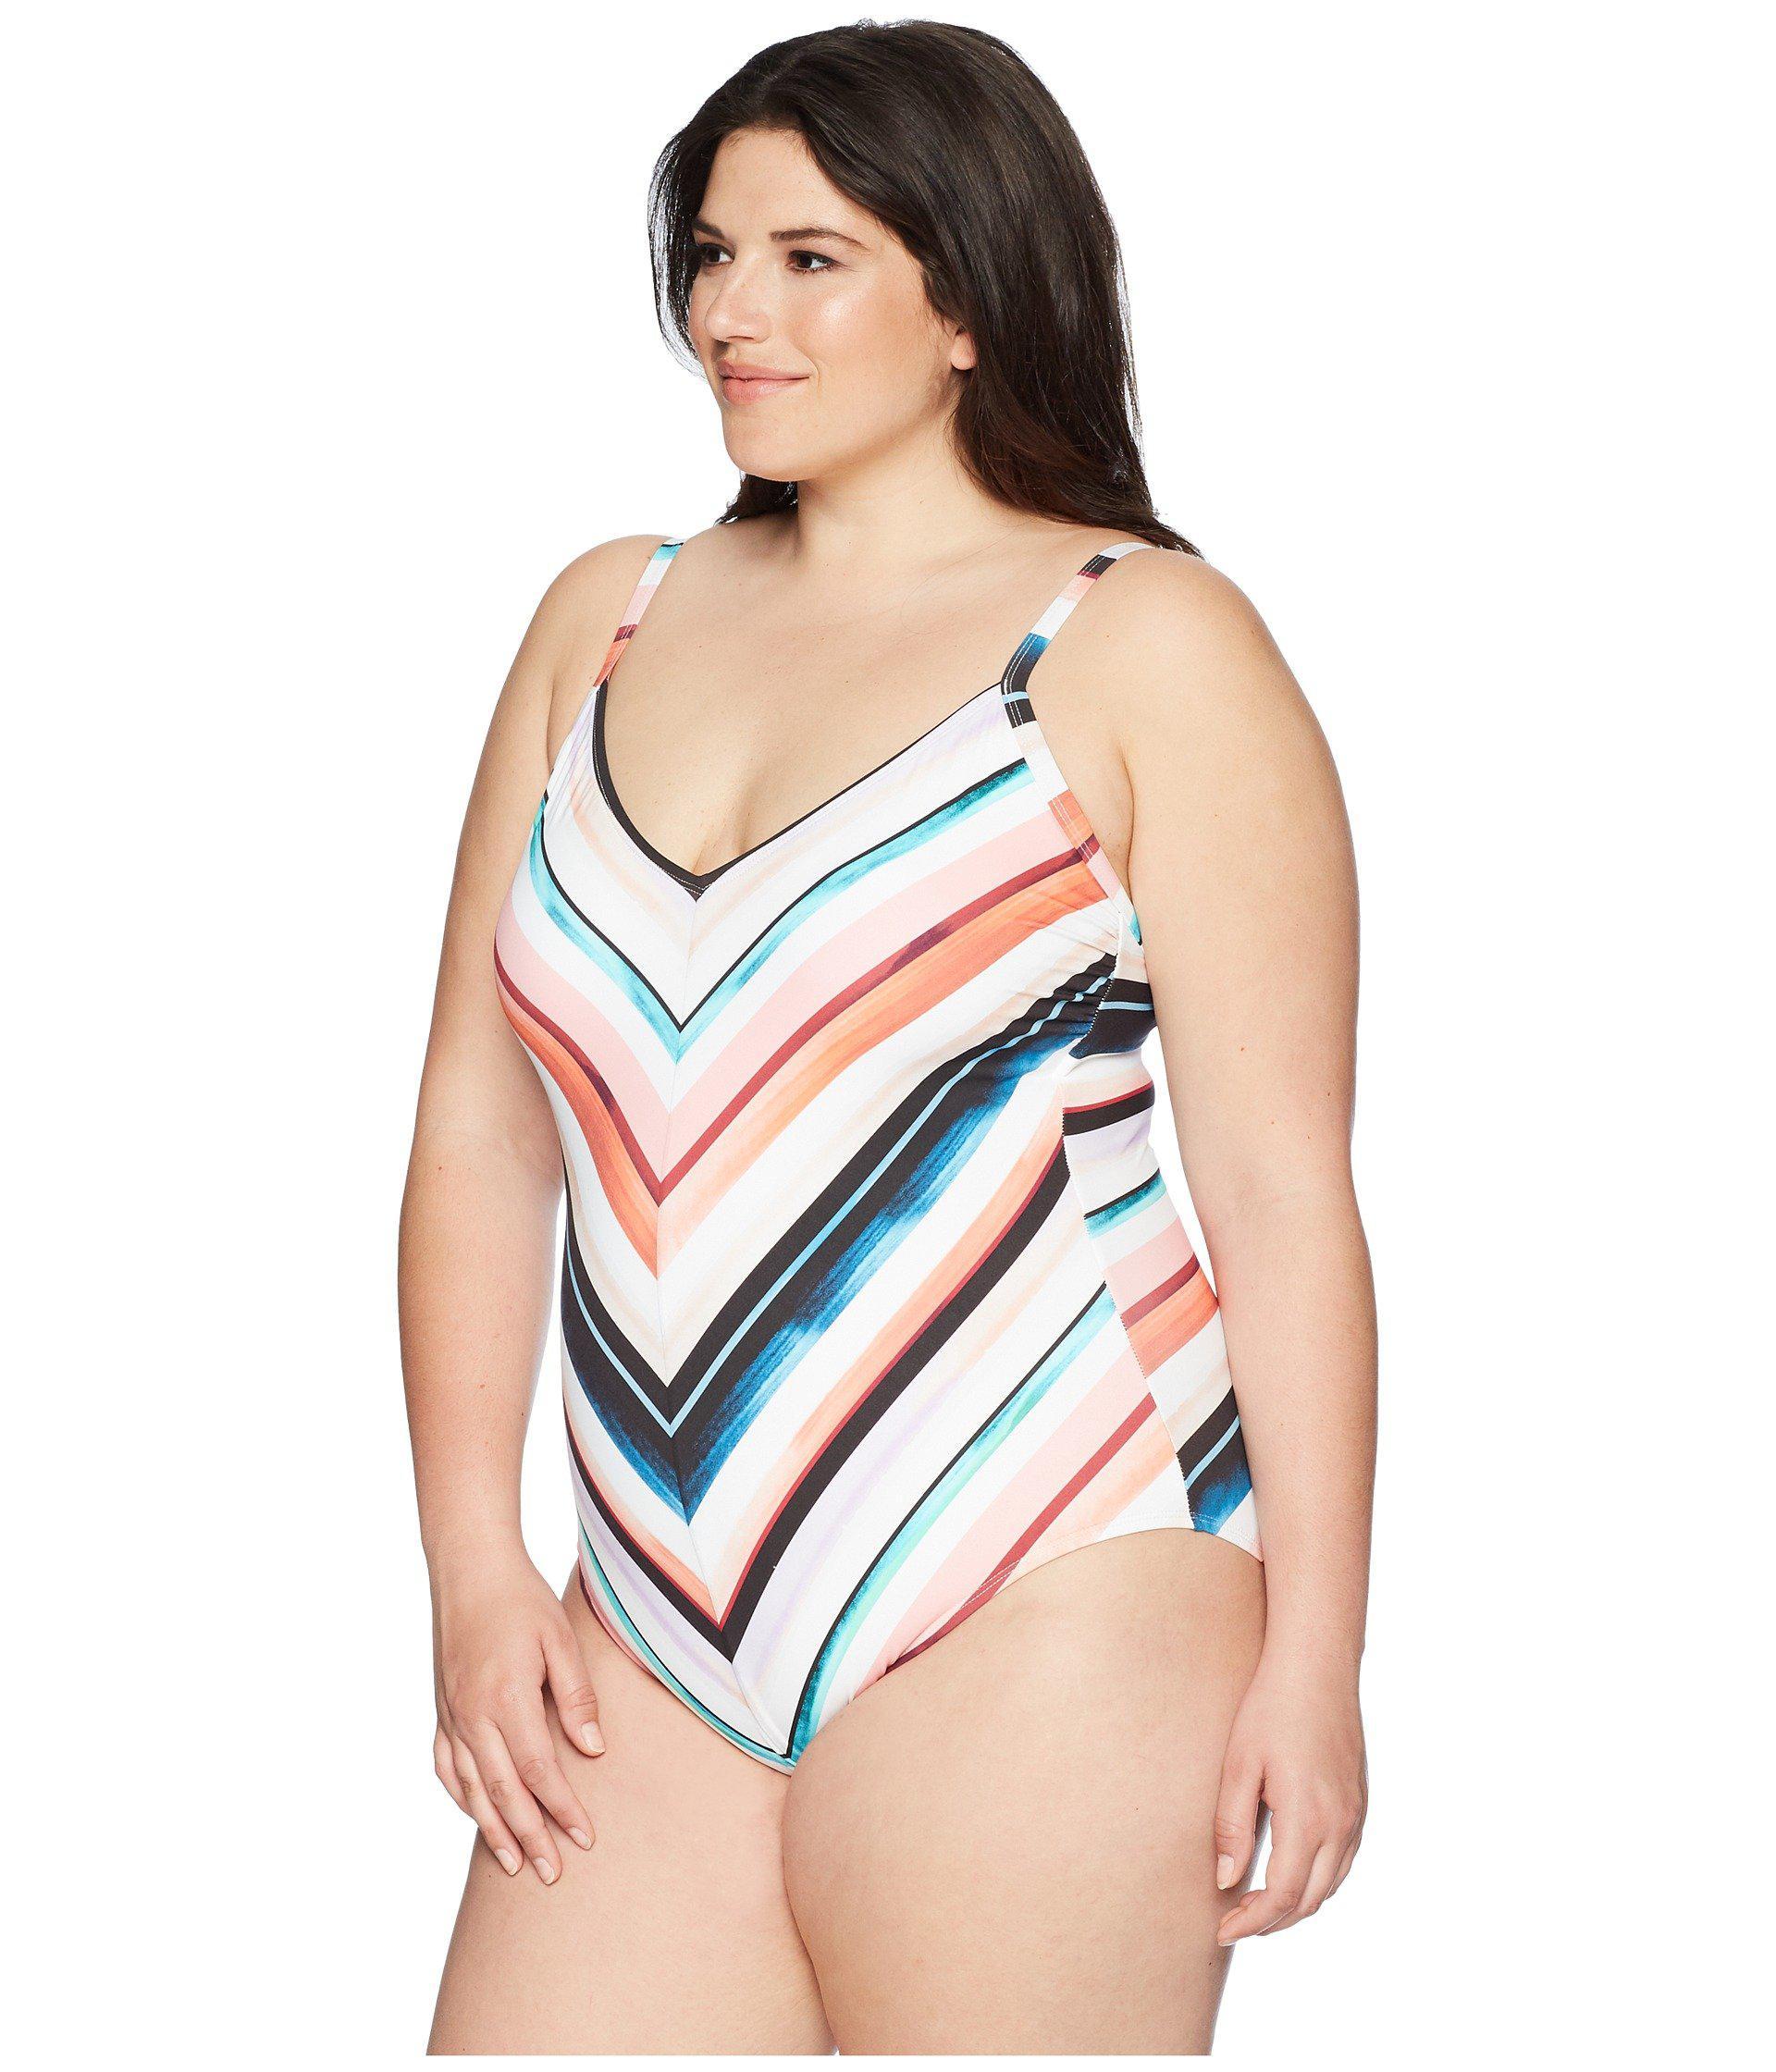 b3c028e4d33 Lyst - La Blanca Plus Size Mitered One-piece (multicolor) Women's ...